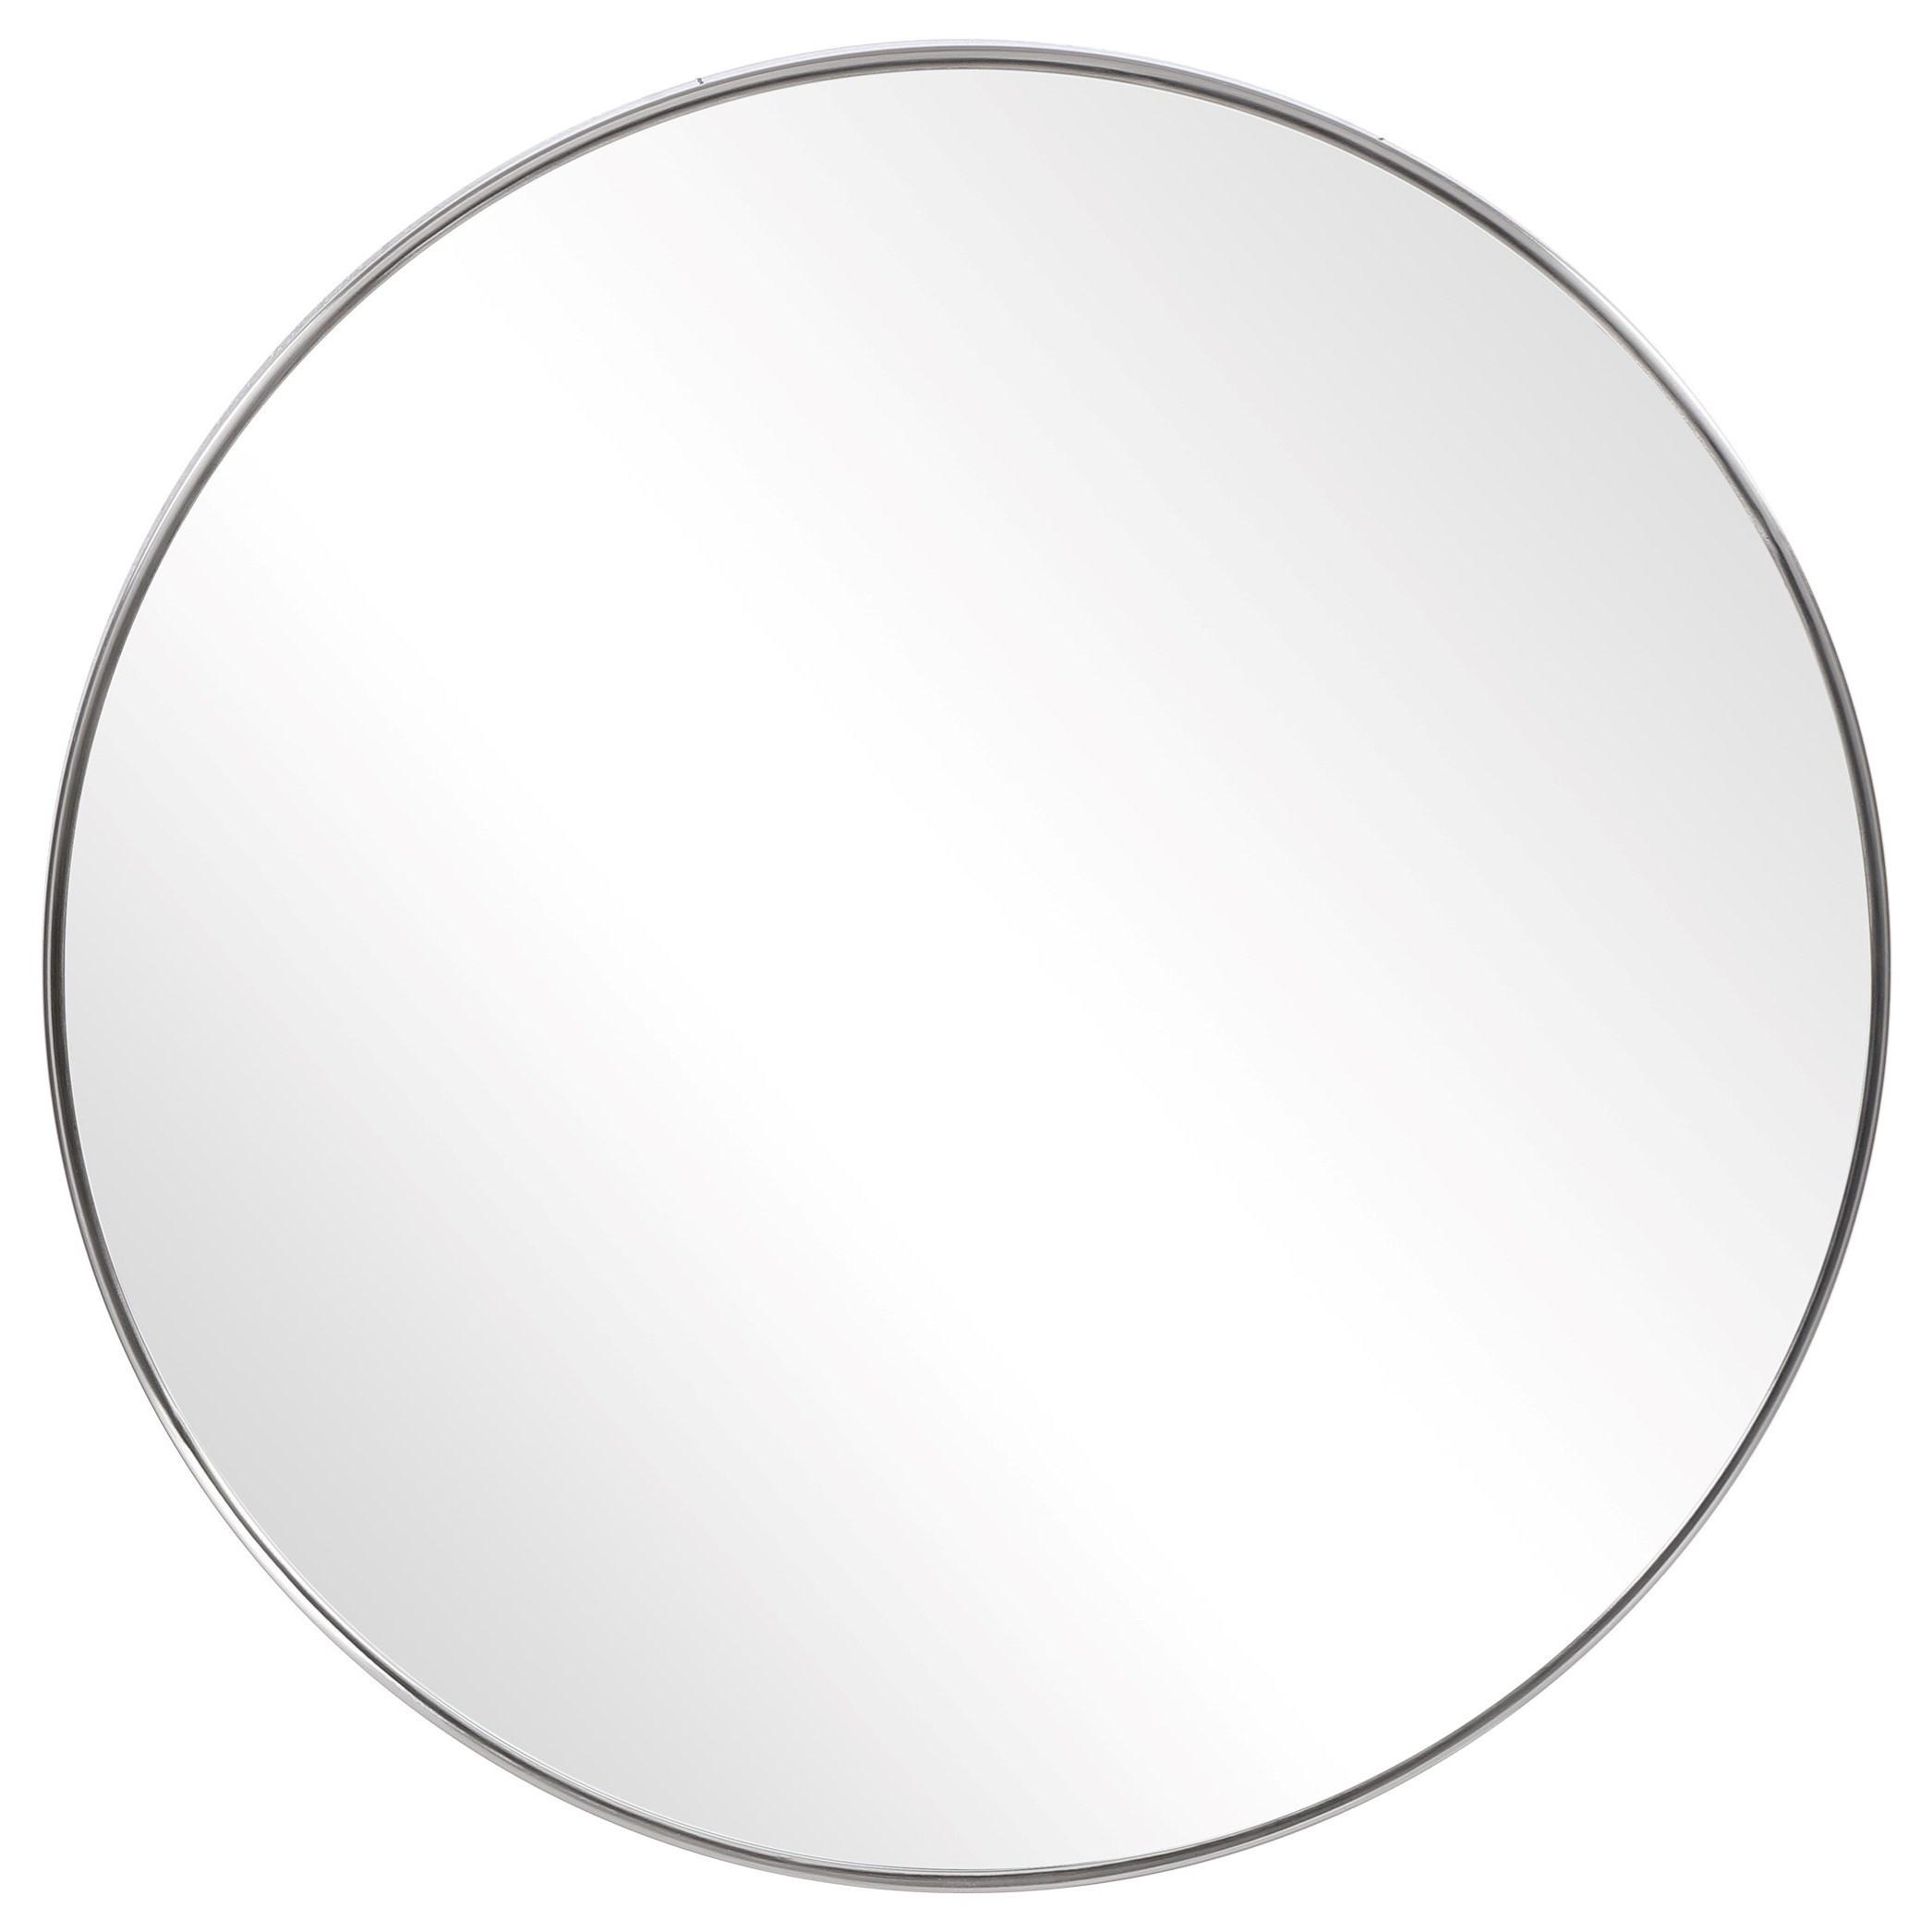 Mirrors - Round Coulson Nickel Round Mirror by Uttermost at Mueller Furniture